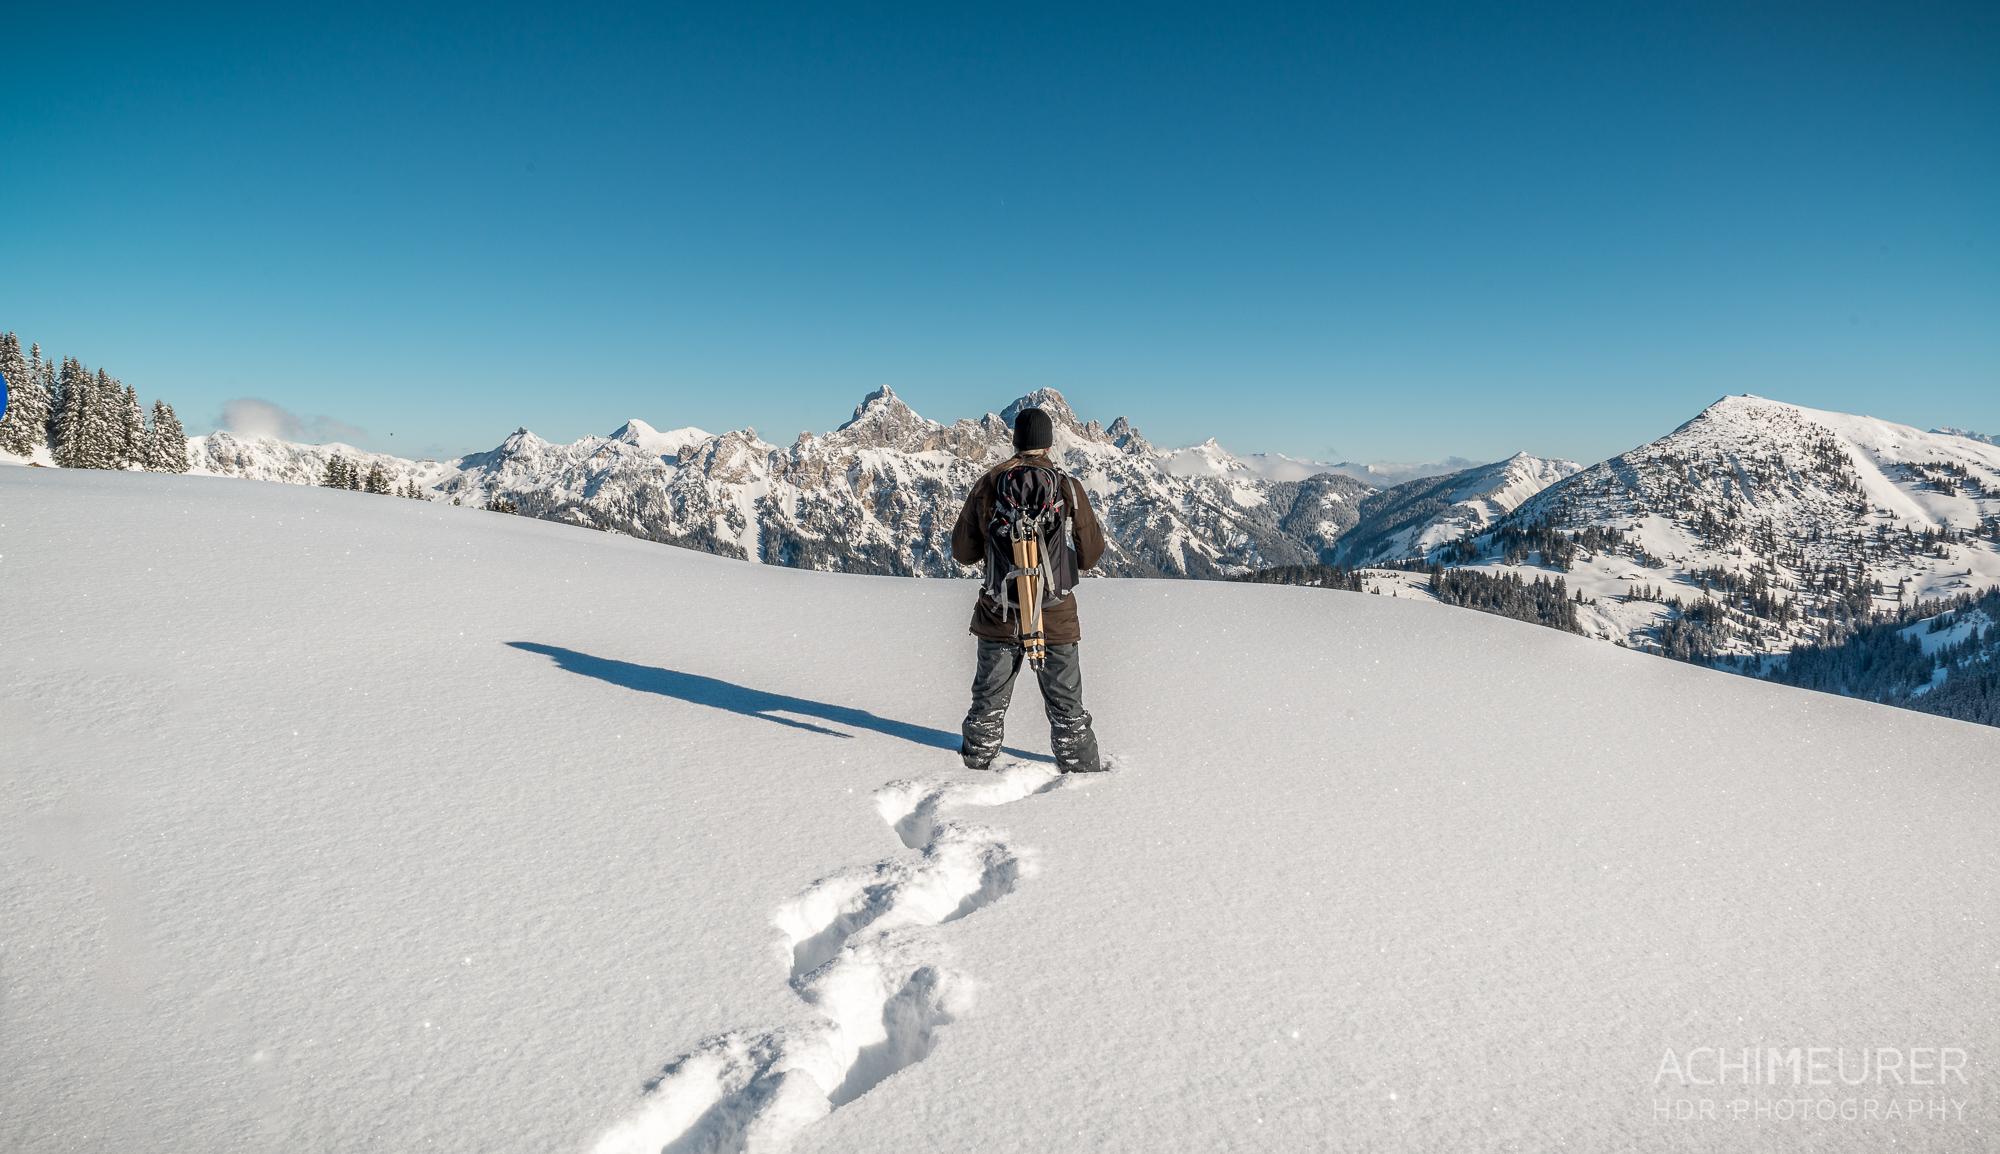 Die-schoensten-Winterfotos-Winterlandschaft-15 by Achim Meurer.